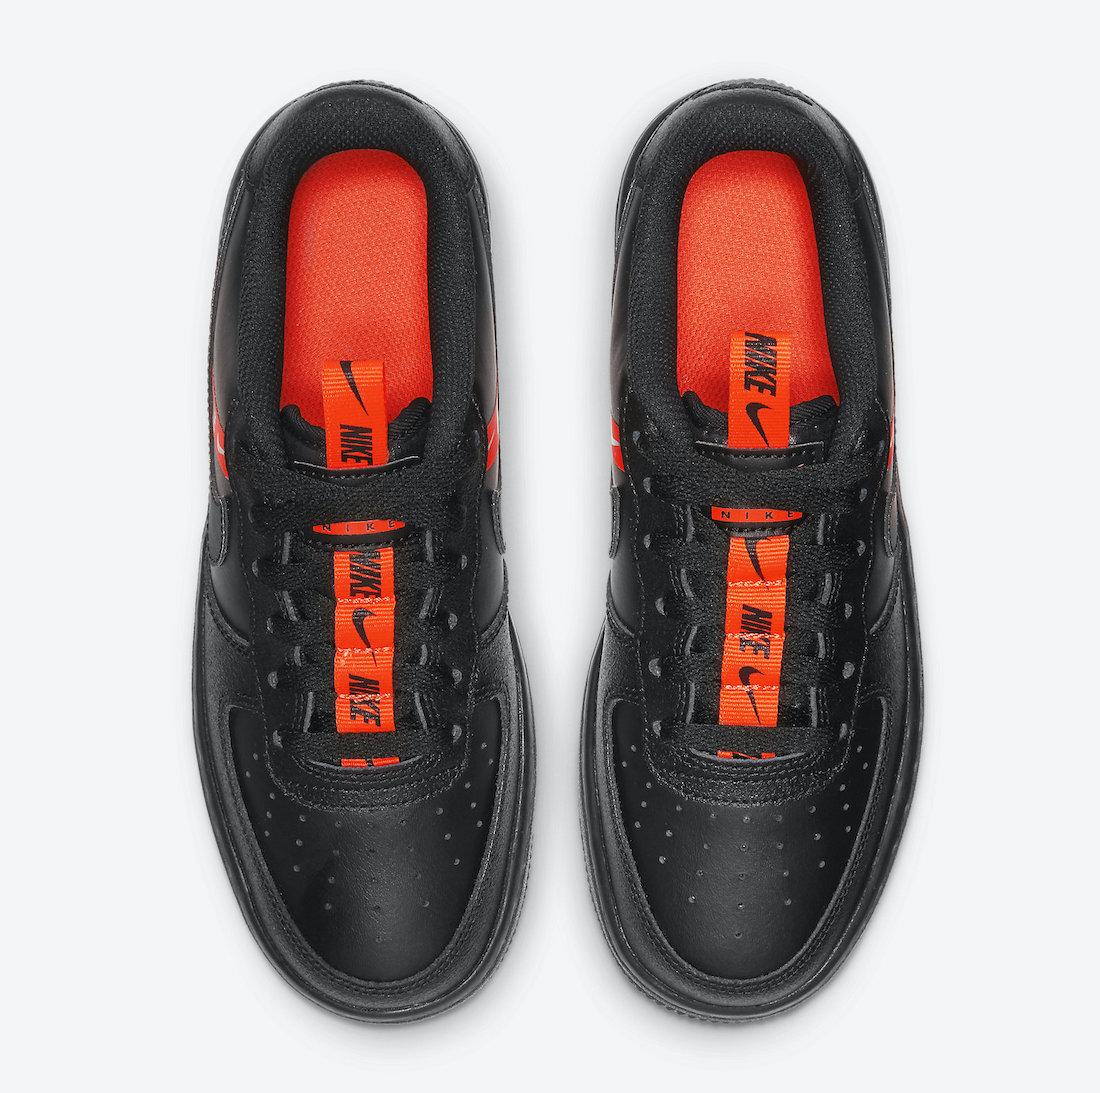 Dětské černé tenisky Nike Air Force 1 GS Low Black/Total Orange/Black CT4683-001 kožené nízké boty a obuv Nike AF1